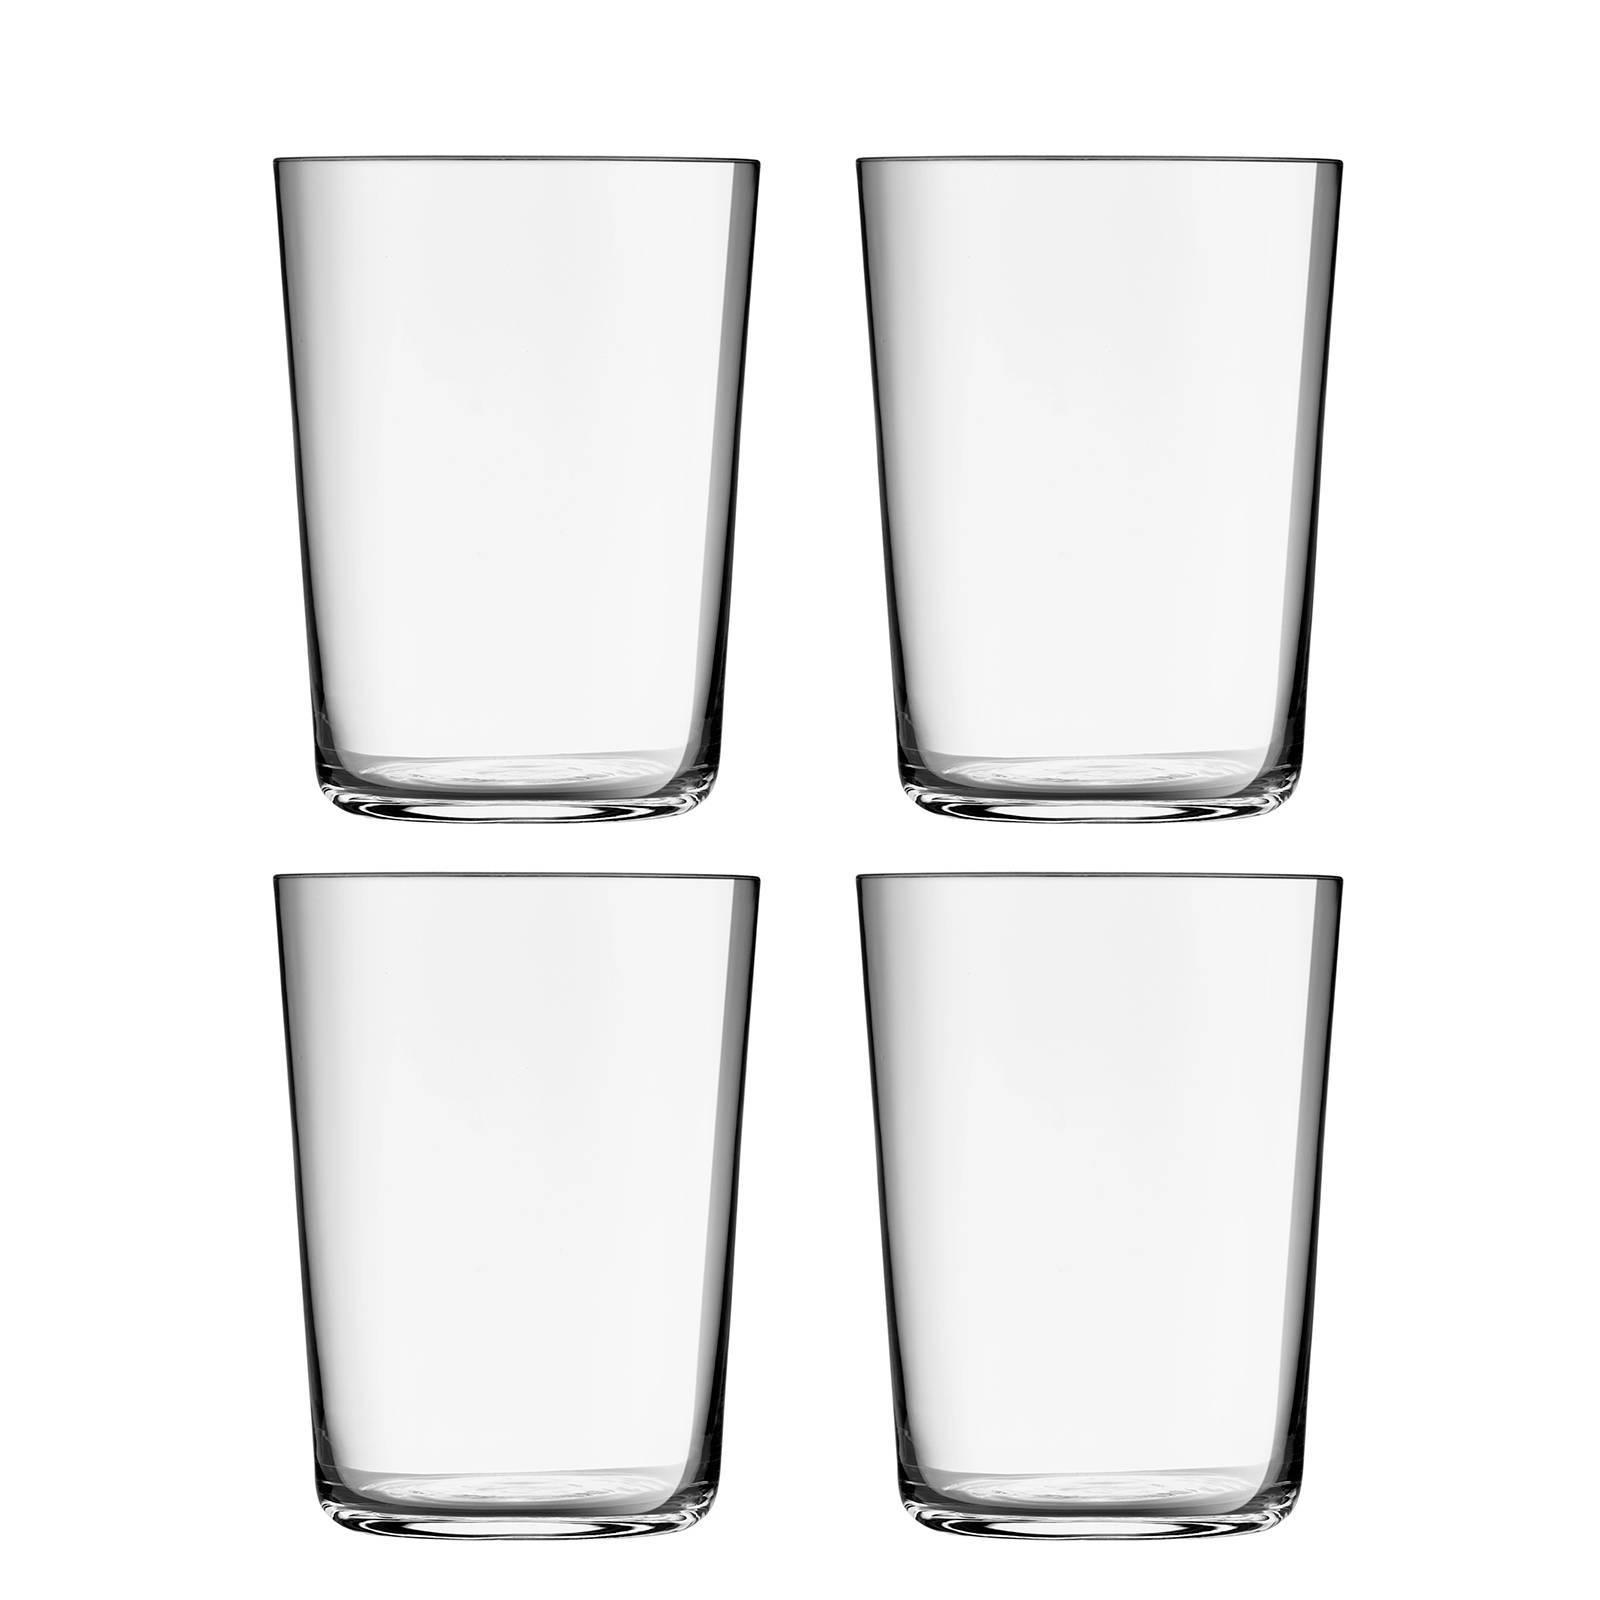 Libbey Cidra longdrinkglas (Ø9,1 cm) (set van 4)